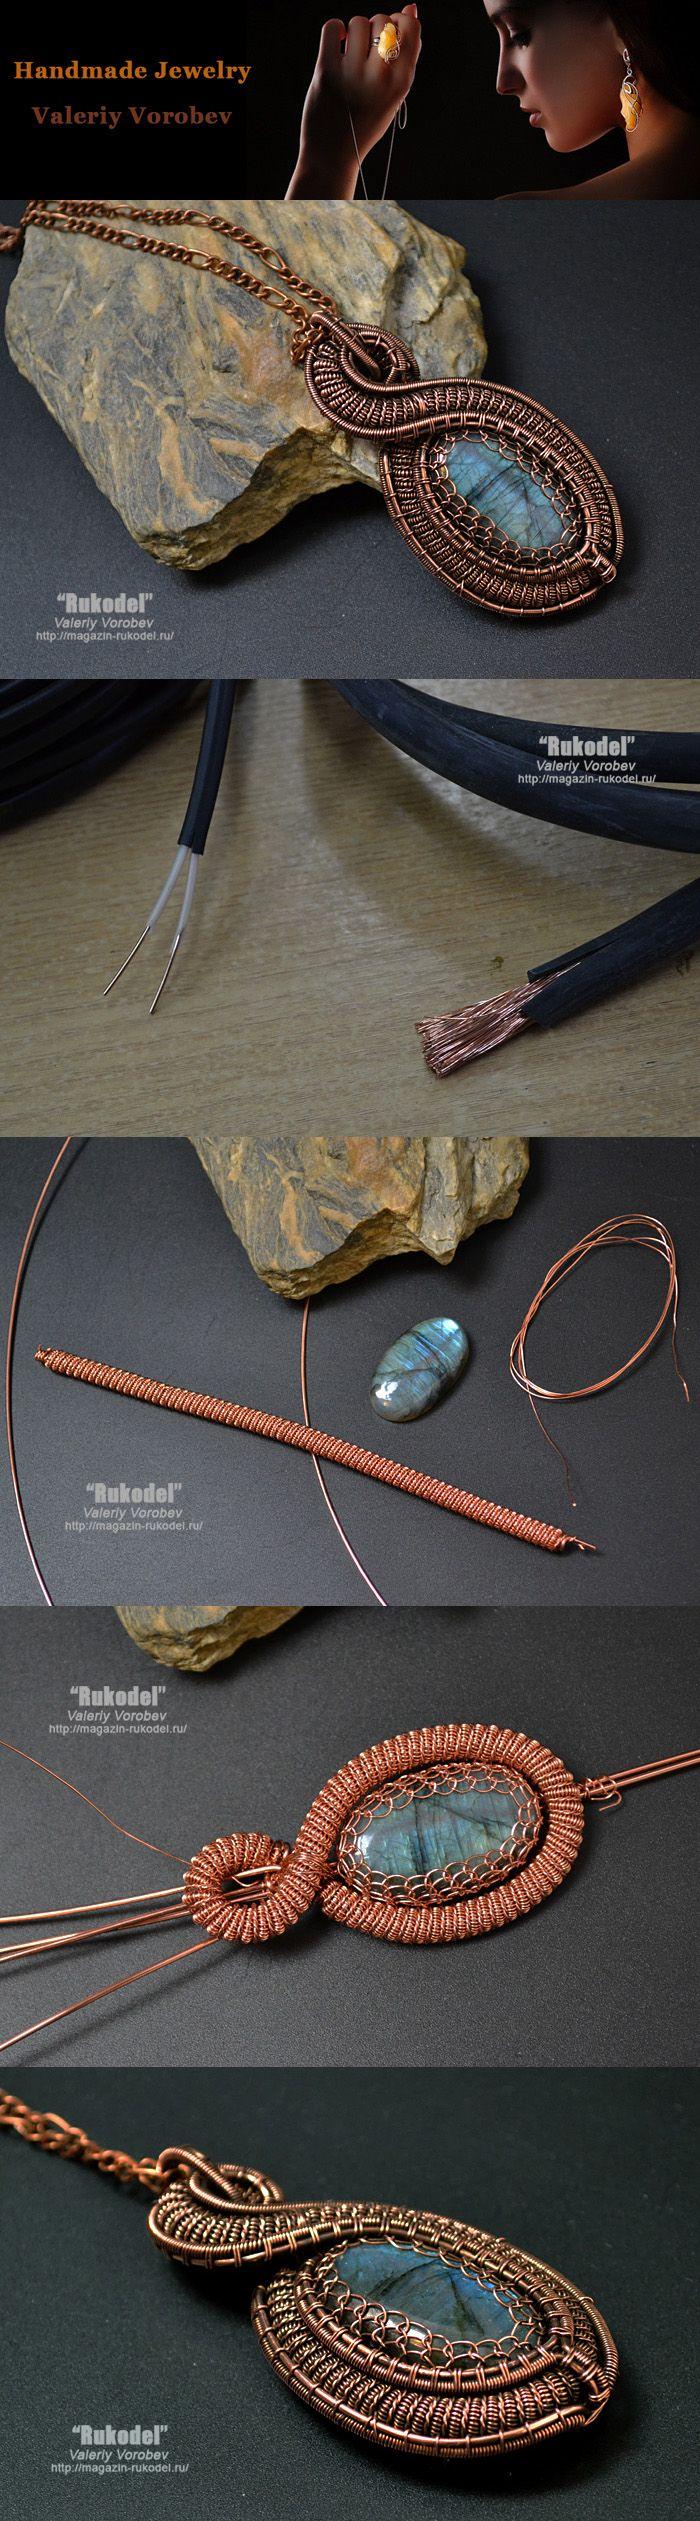 706 best Weben von Draht images on Pinterest   Wire crafts, Wire ...